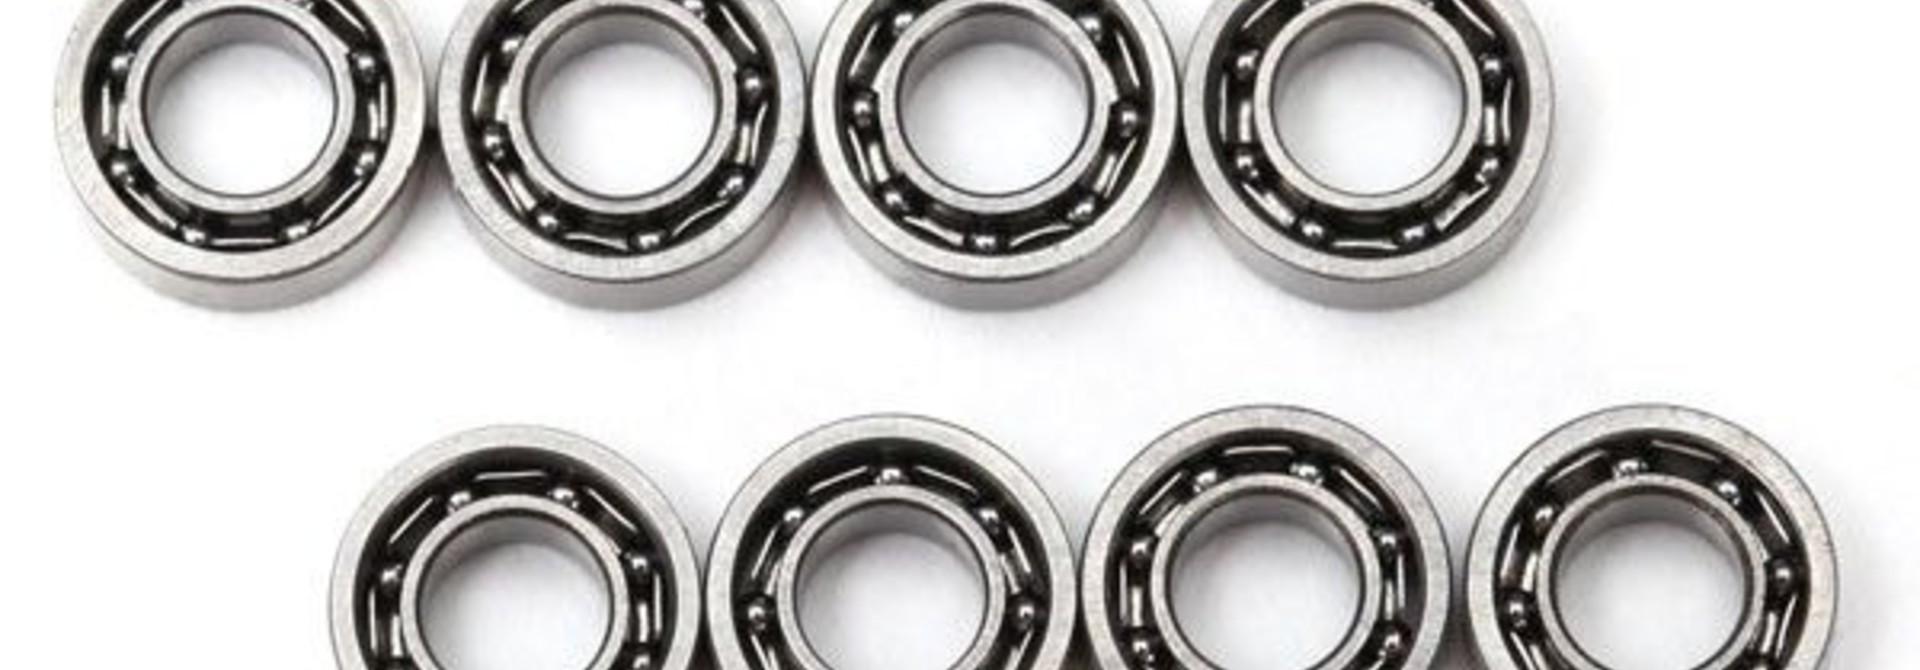 Bearings, 3X6X2Mm (8) Bearings, 3X6X2M, TRX6642